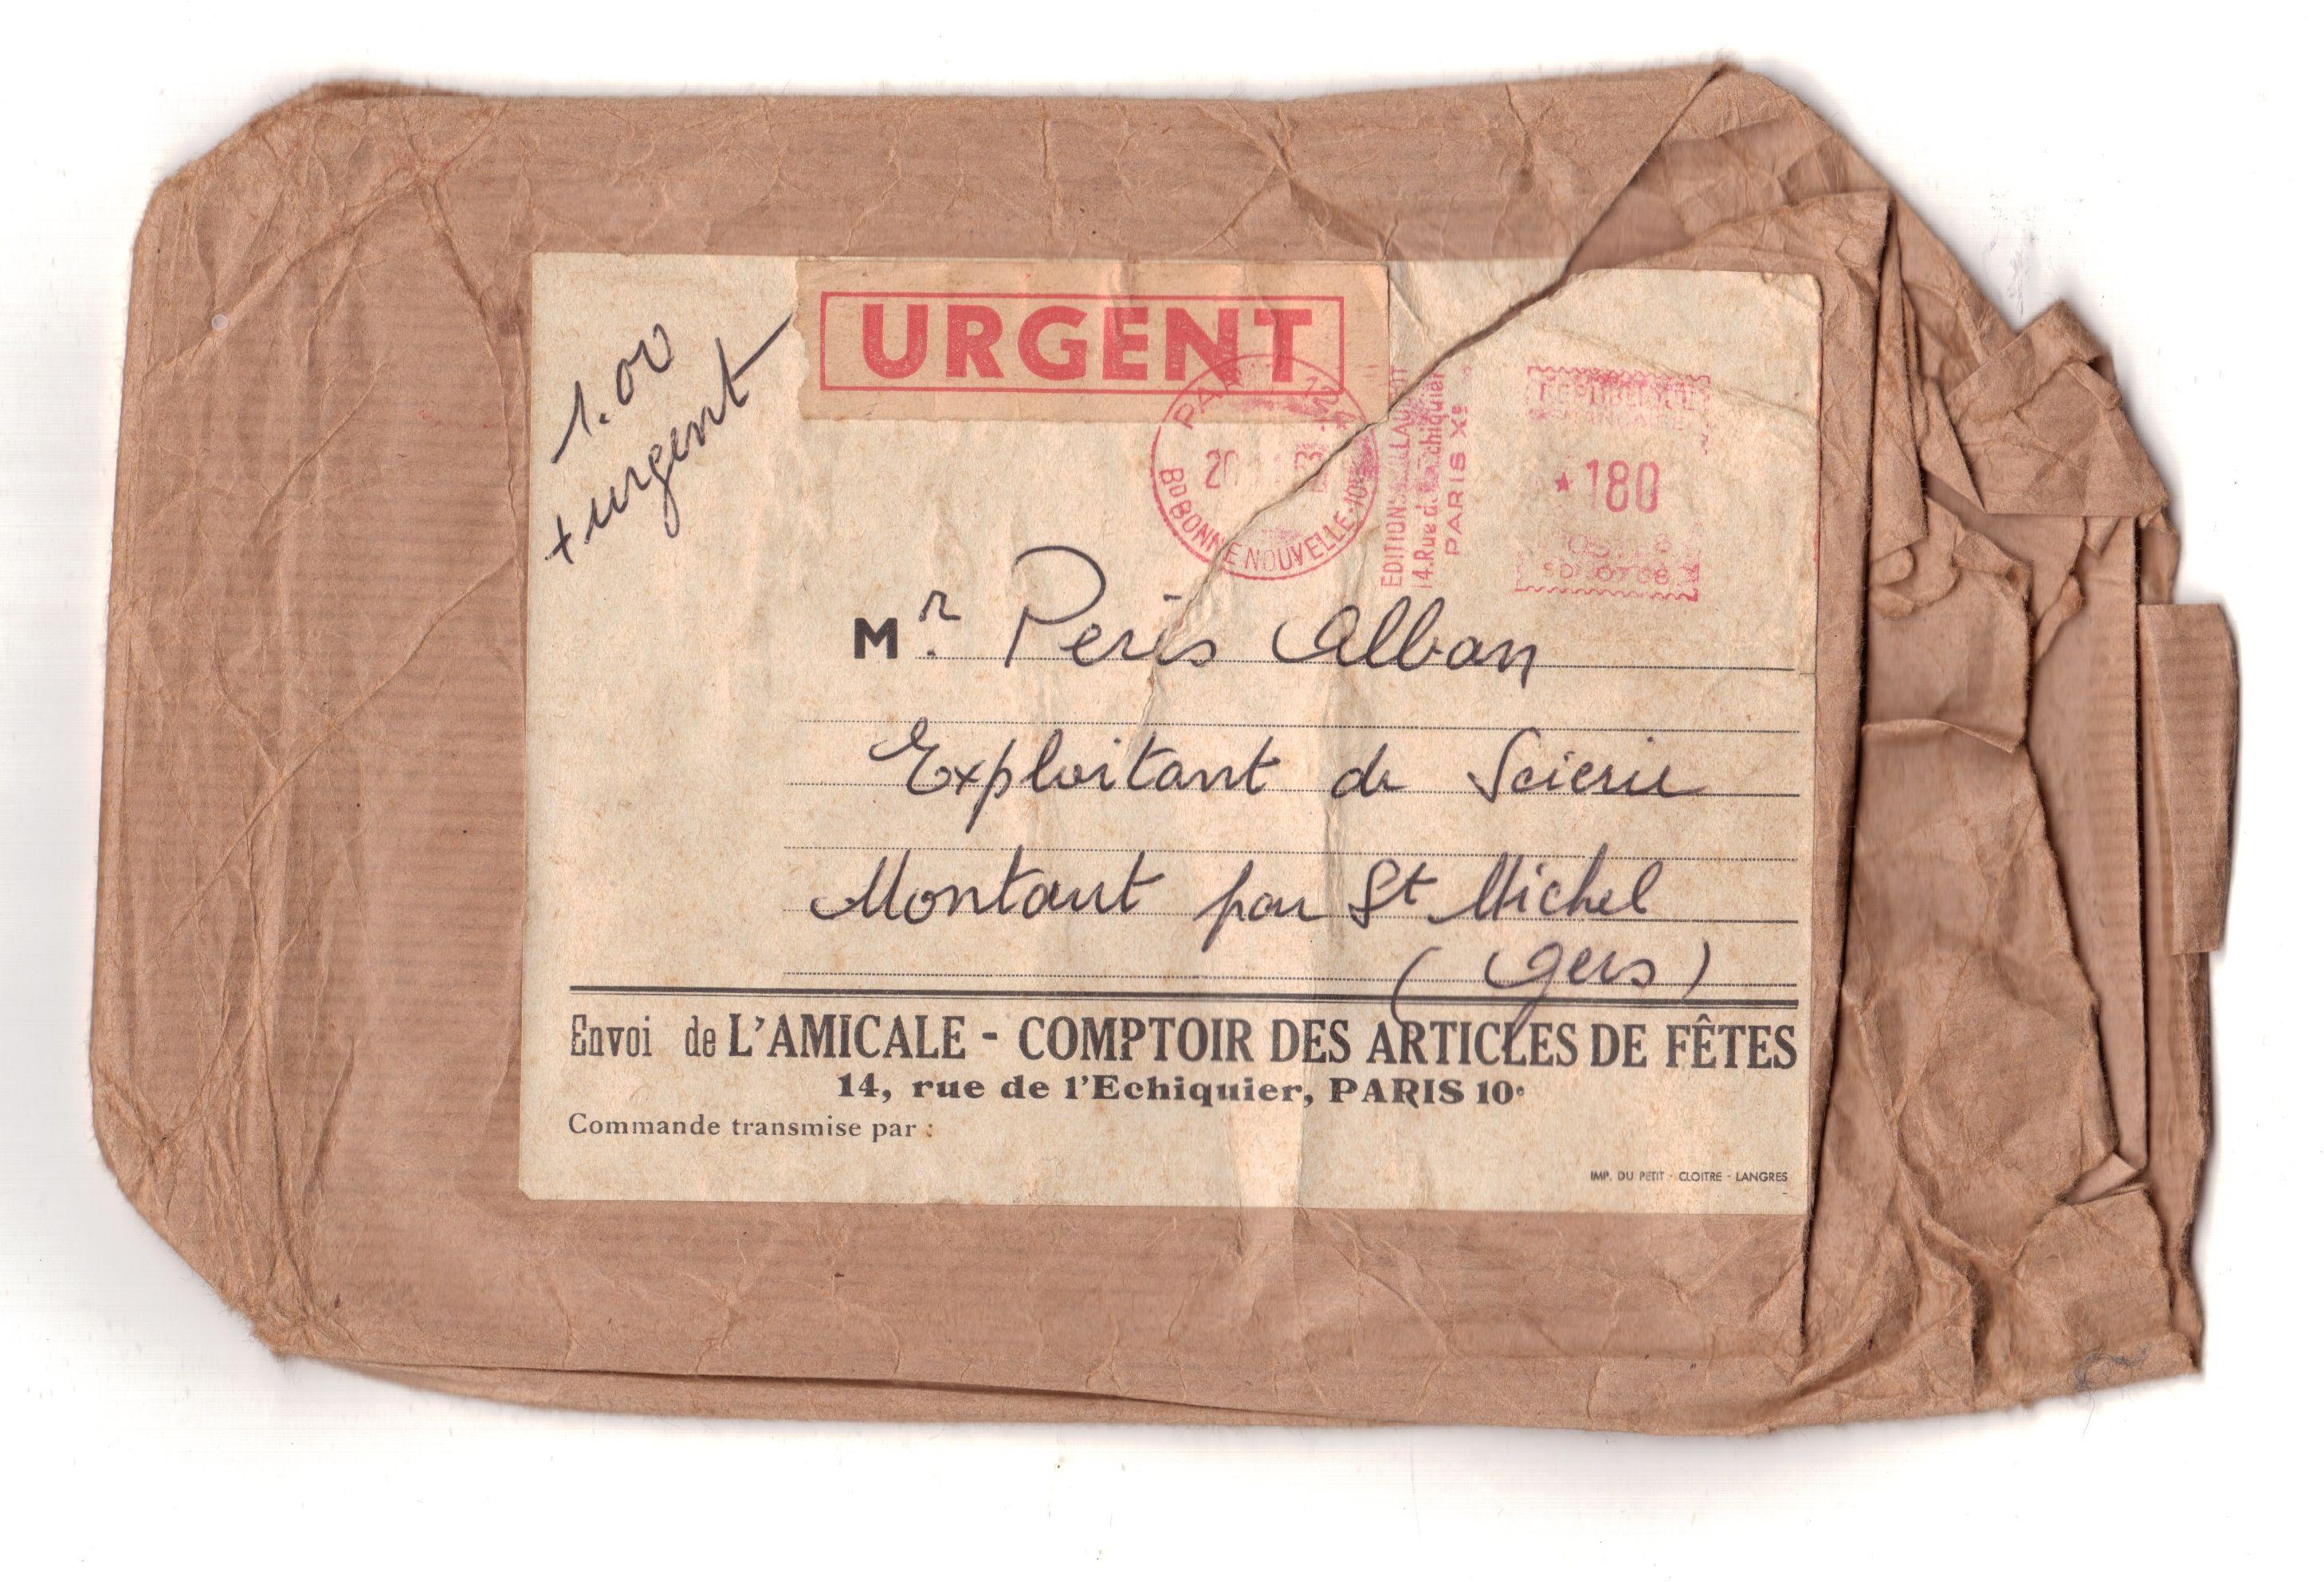 Lettre scierie - 1962